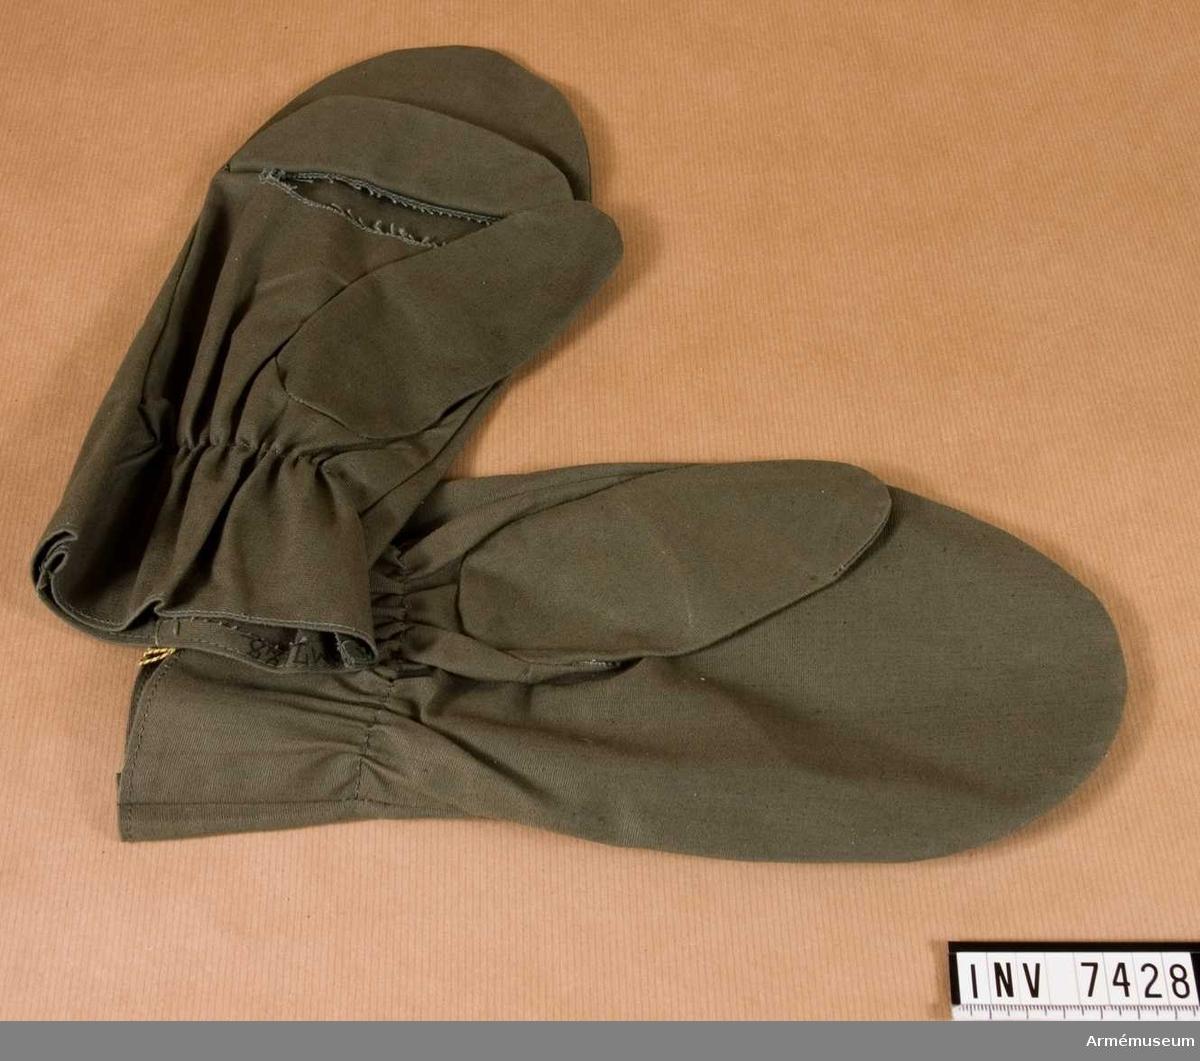 Vindtyg. Av grönt vindtyg. Höger handske har öppning för fingrarna och är försedd med ett lock för tillslutning av öppningen. KAFI dnr 3900/53.